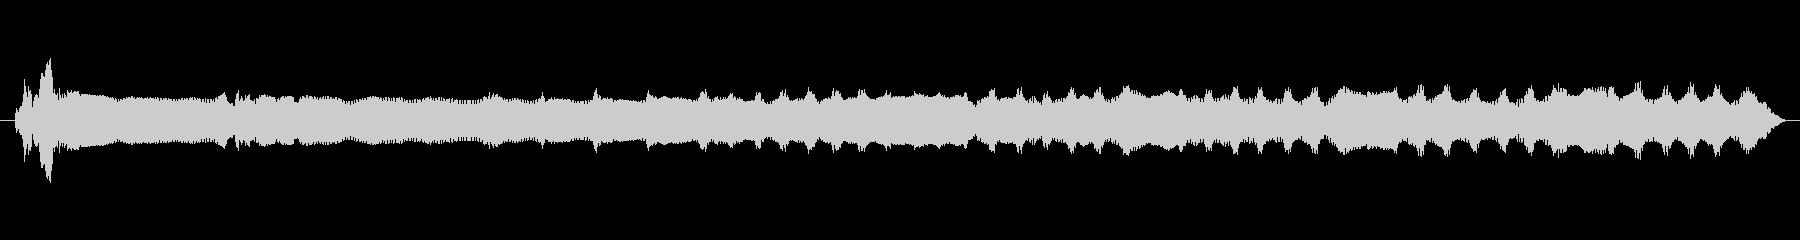 シーケンス ディジュリドゥシングル...の未再生の波形